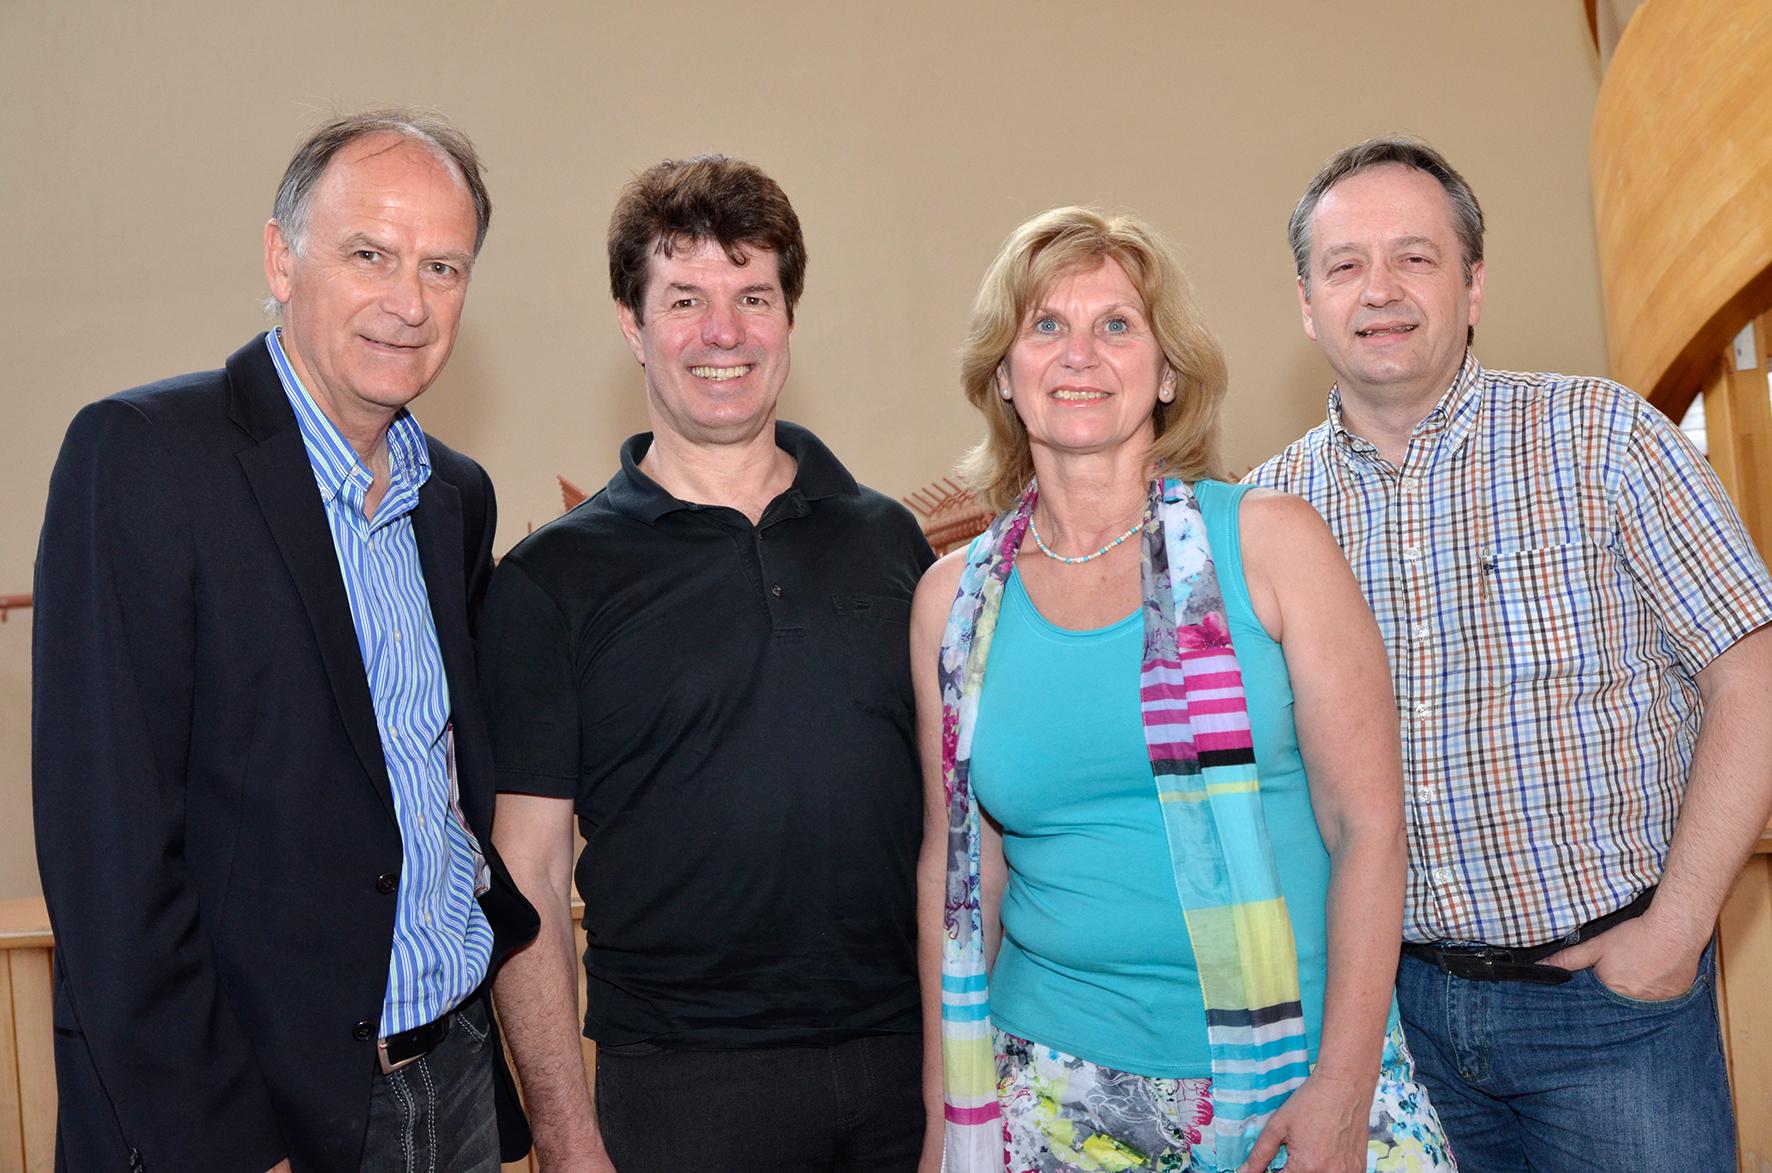 Ernst Thurner, Gerald Tiefling, Andrea Jäger und Andreas Rauch (von links)